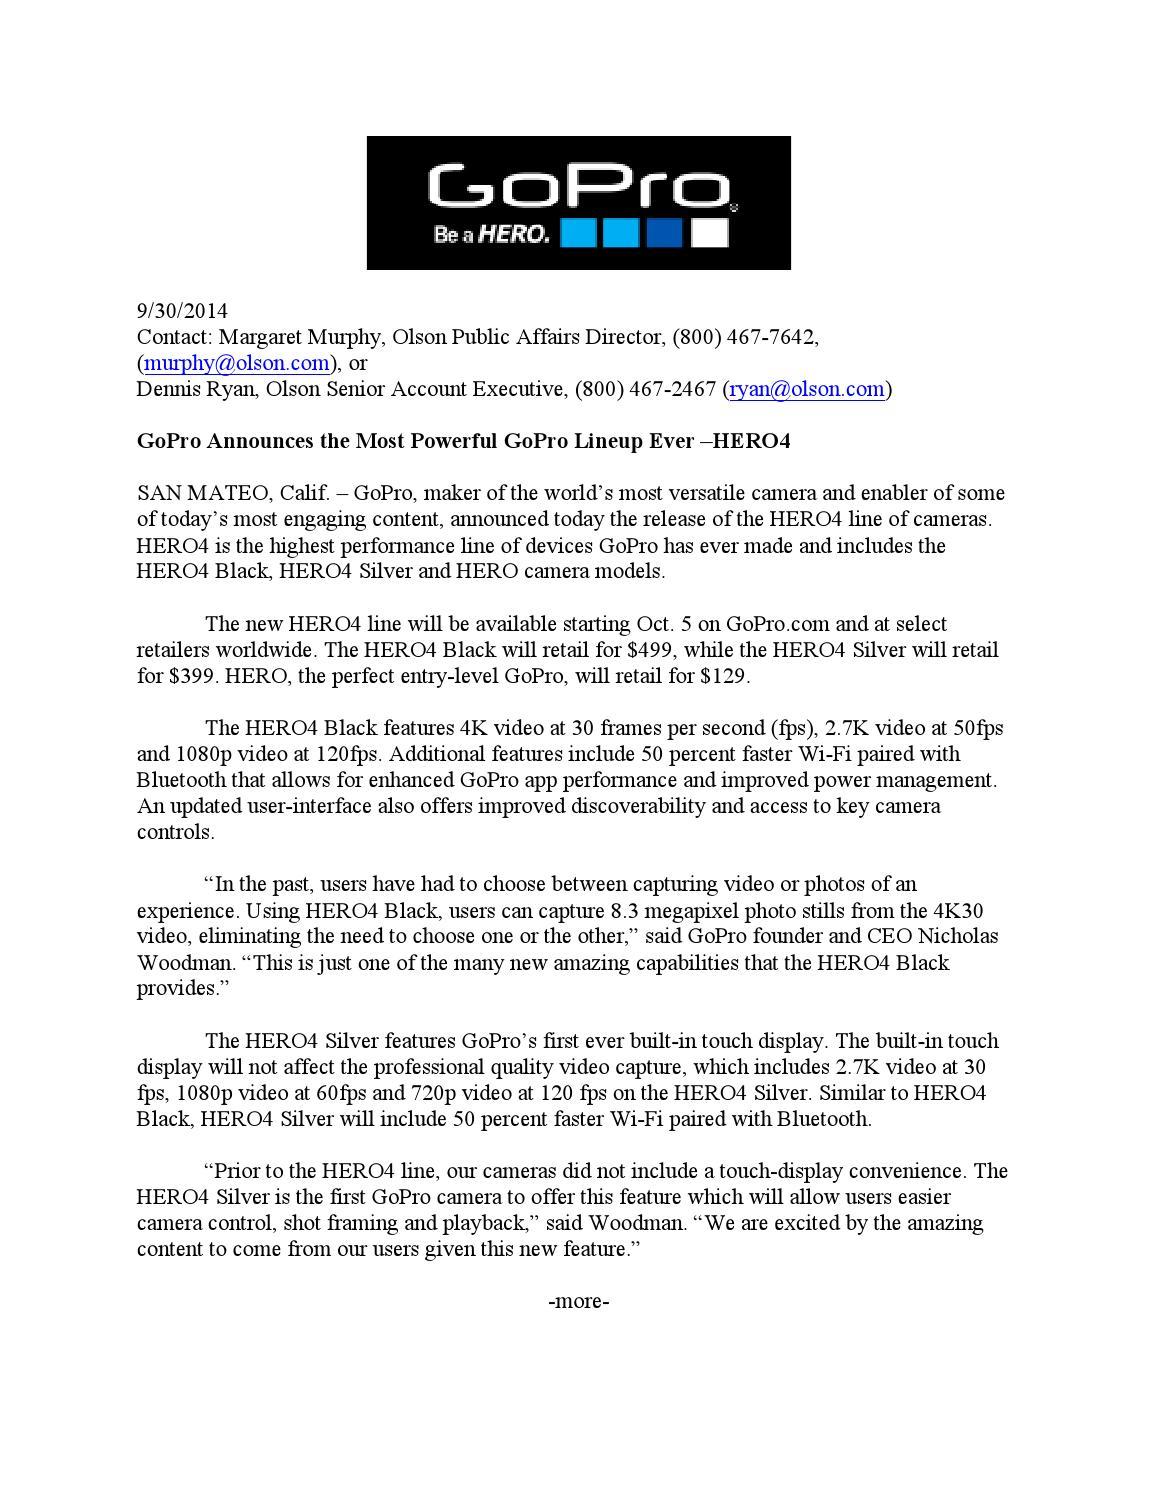 GoPro Media Kit by vmr0005 - issuu